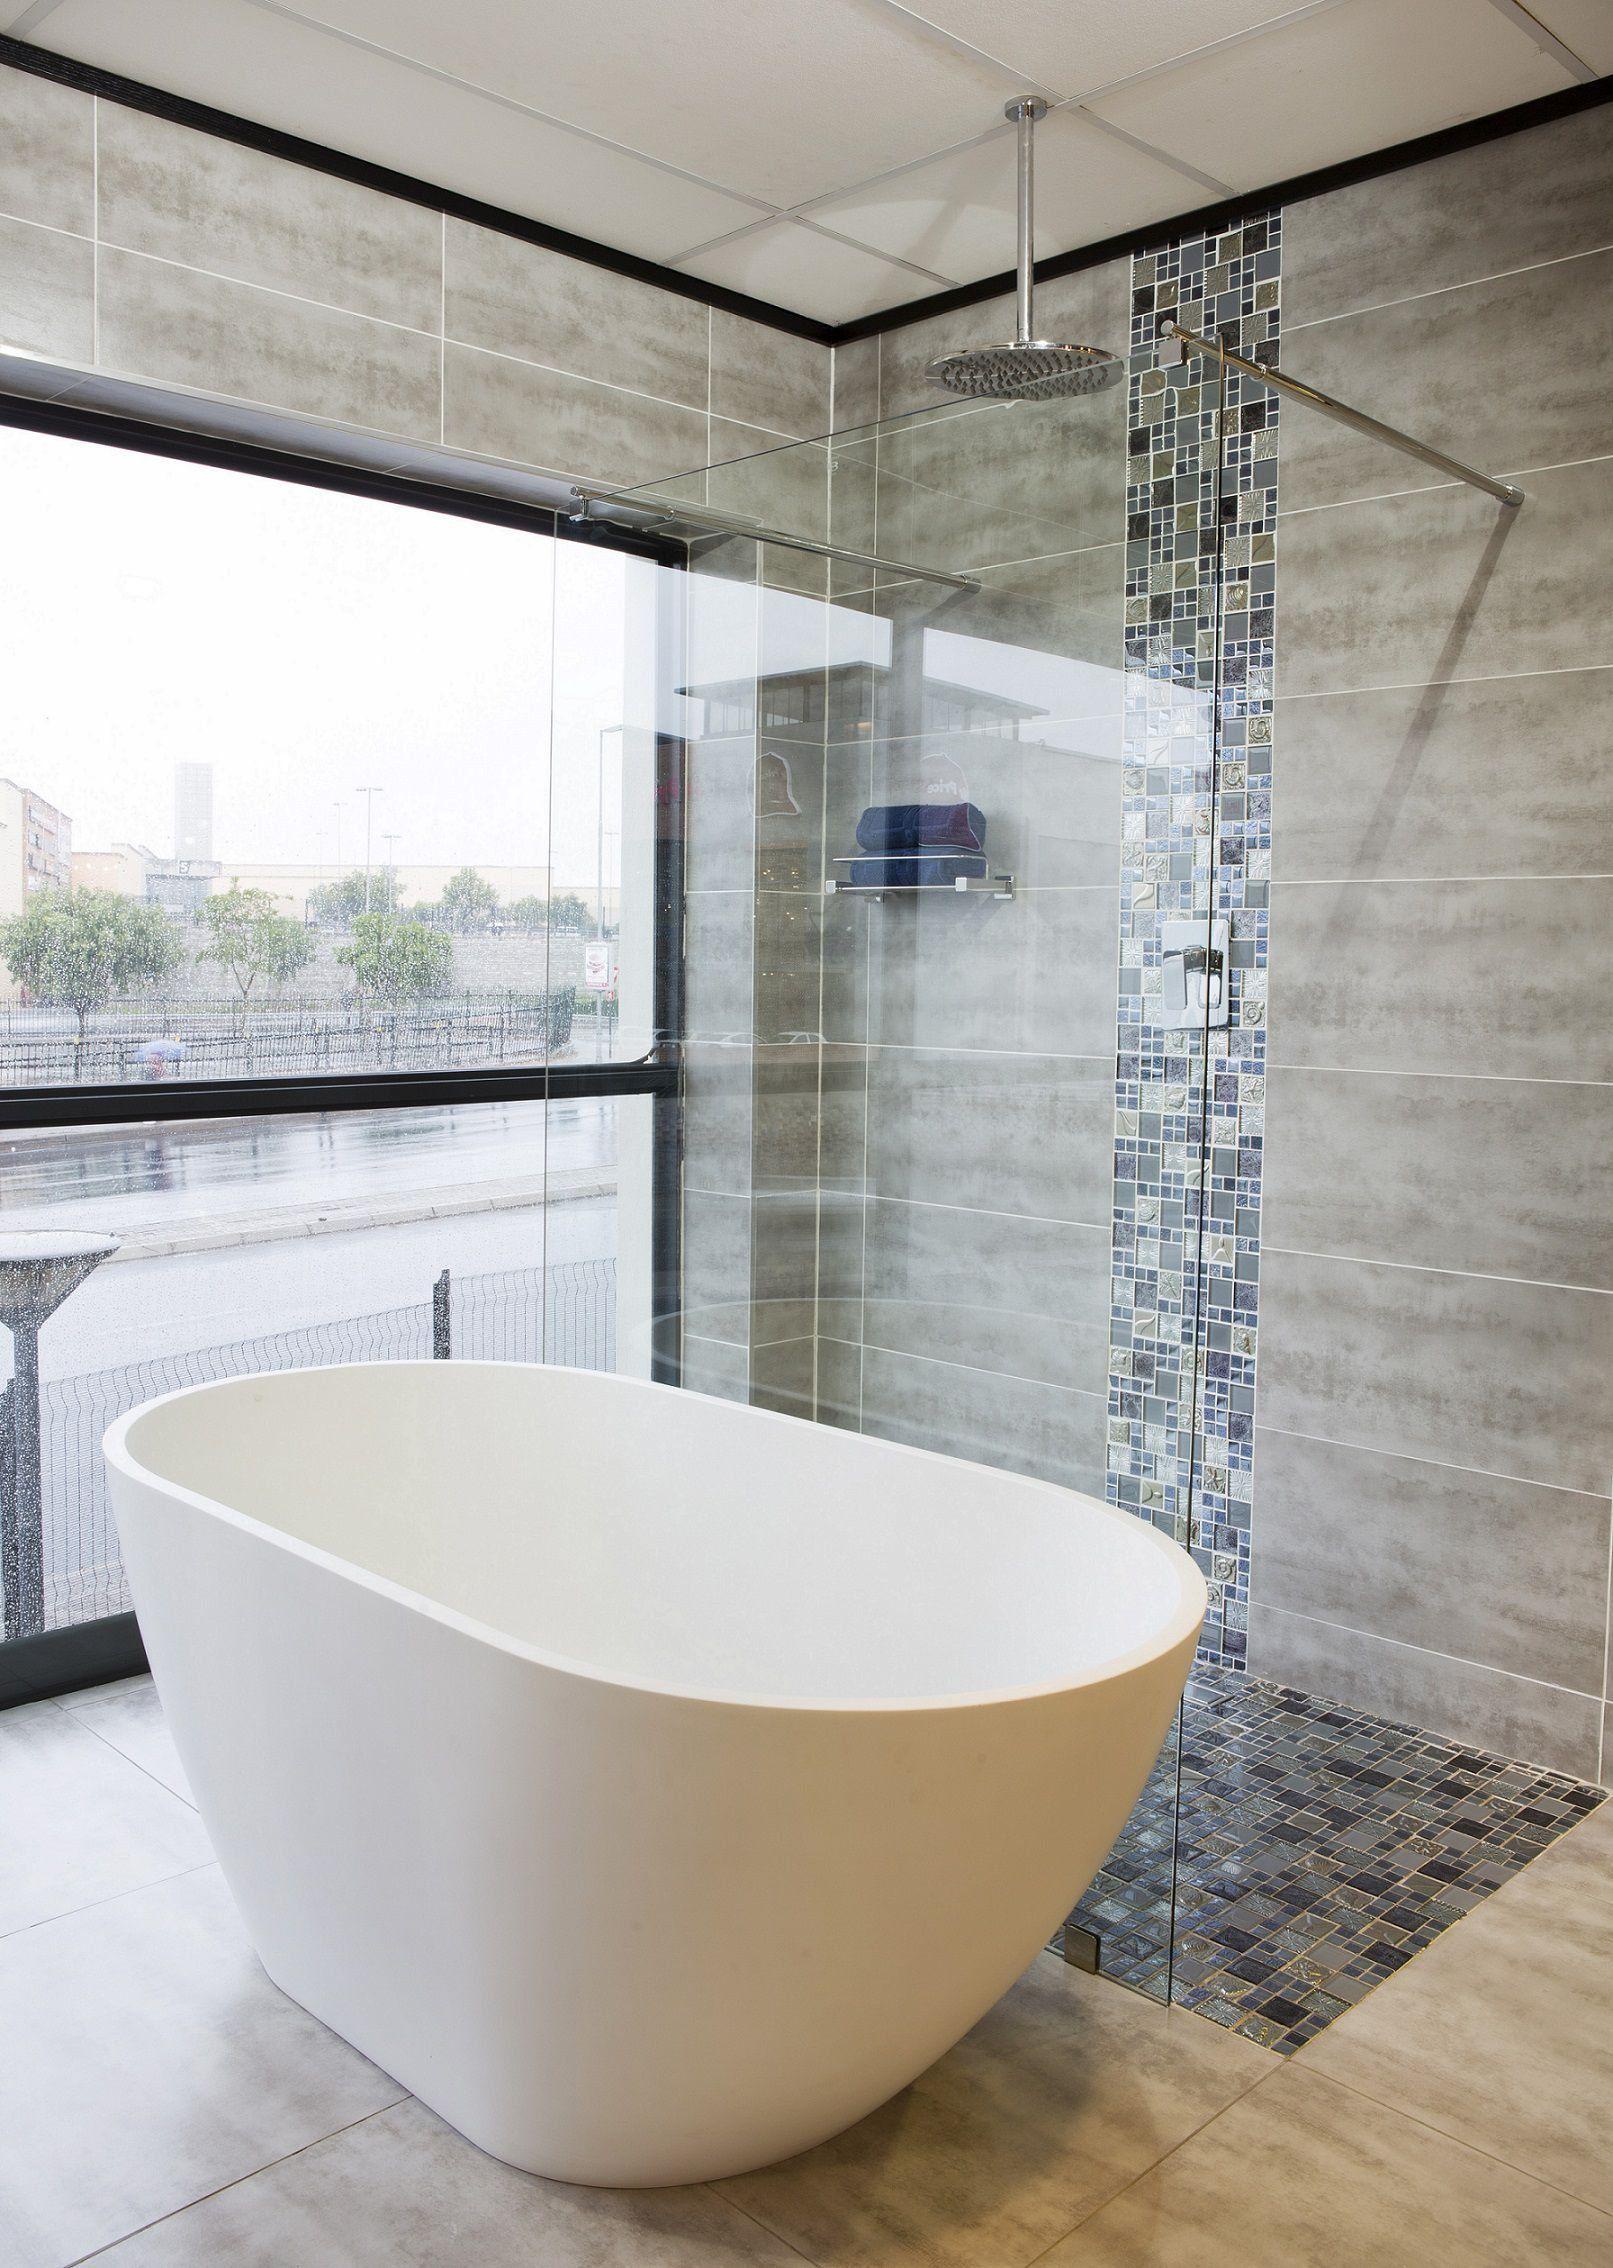 Incredibly Popular Bathroom Cast Iron Tub Cast iron tub Cast iron